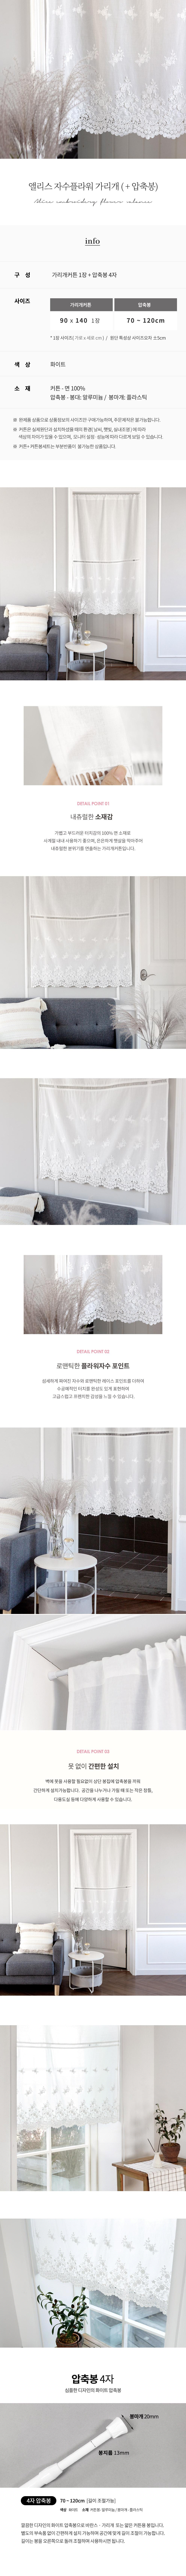 앨리스자수플라워가리개_봉세트